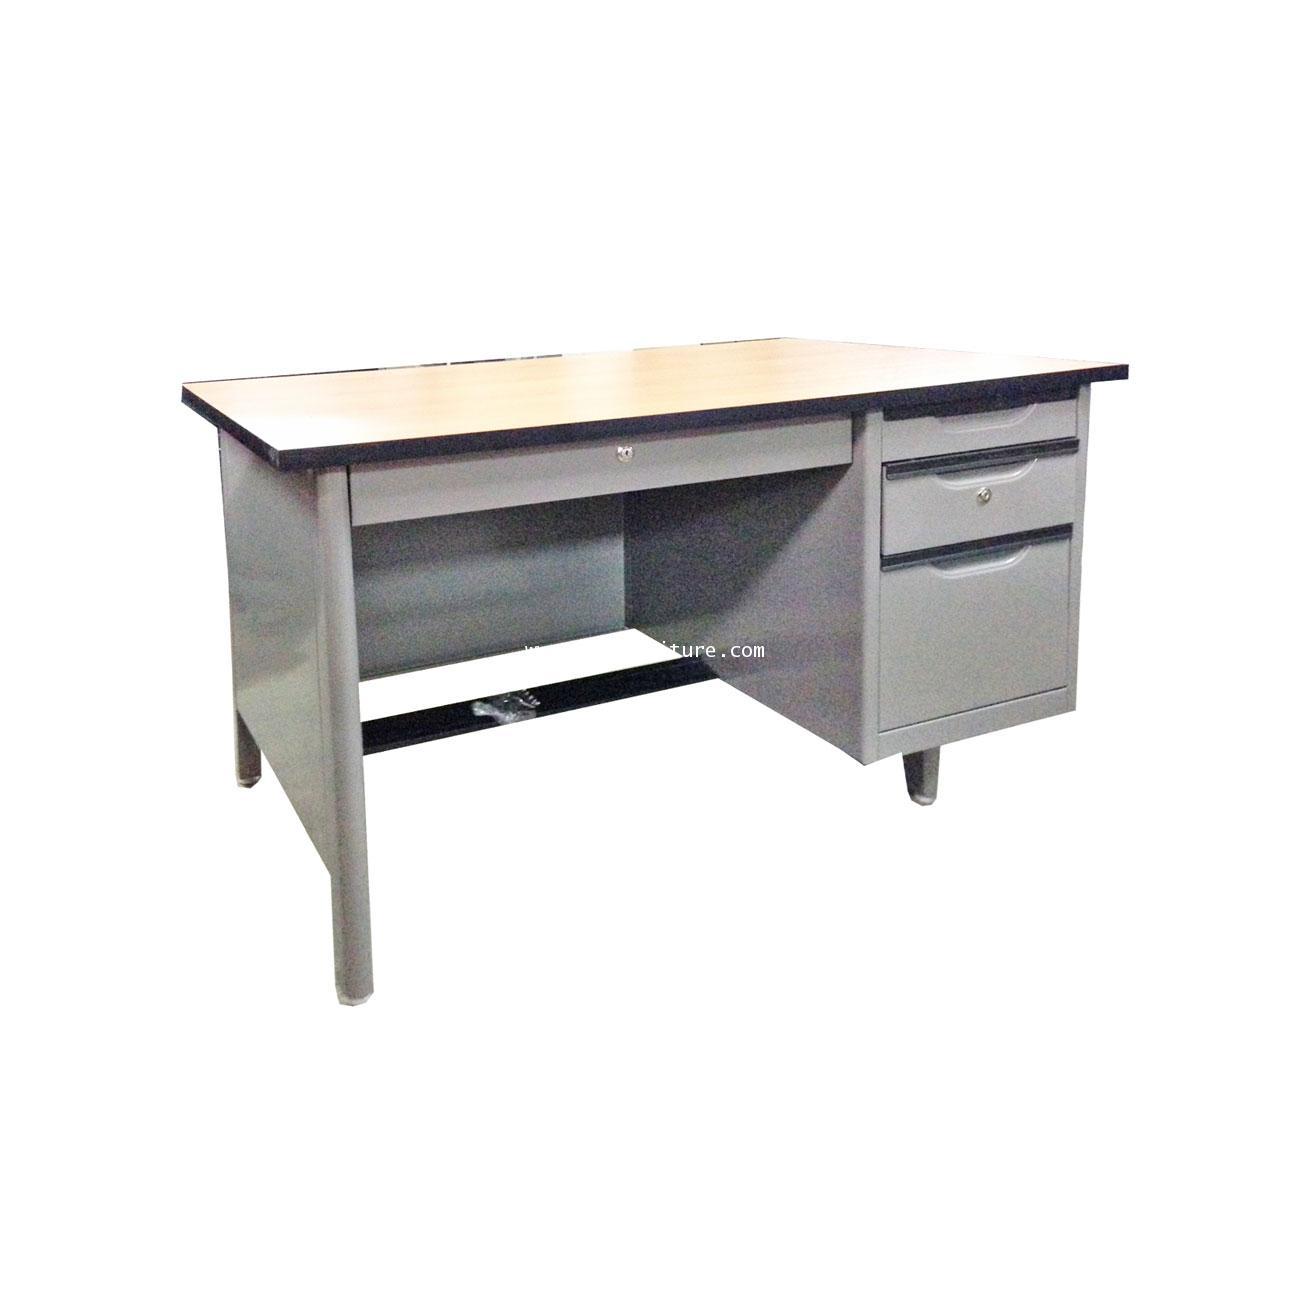 โต๊ะทำงานเหล็ก หน้าเมลามีน 108.5*72.2*75 ซม. Elegant